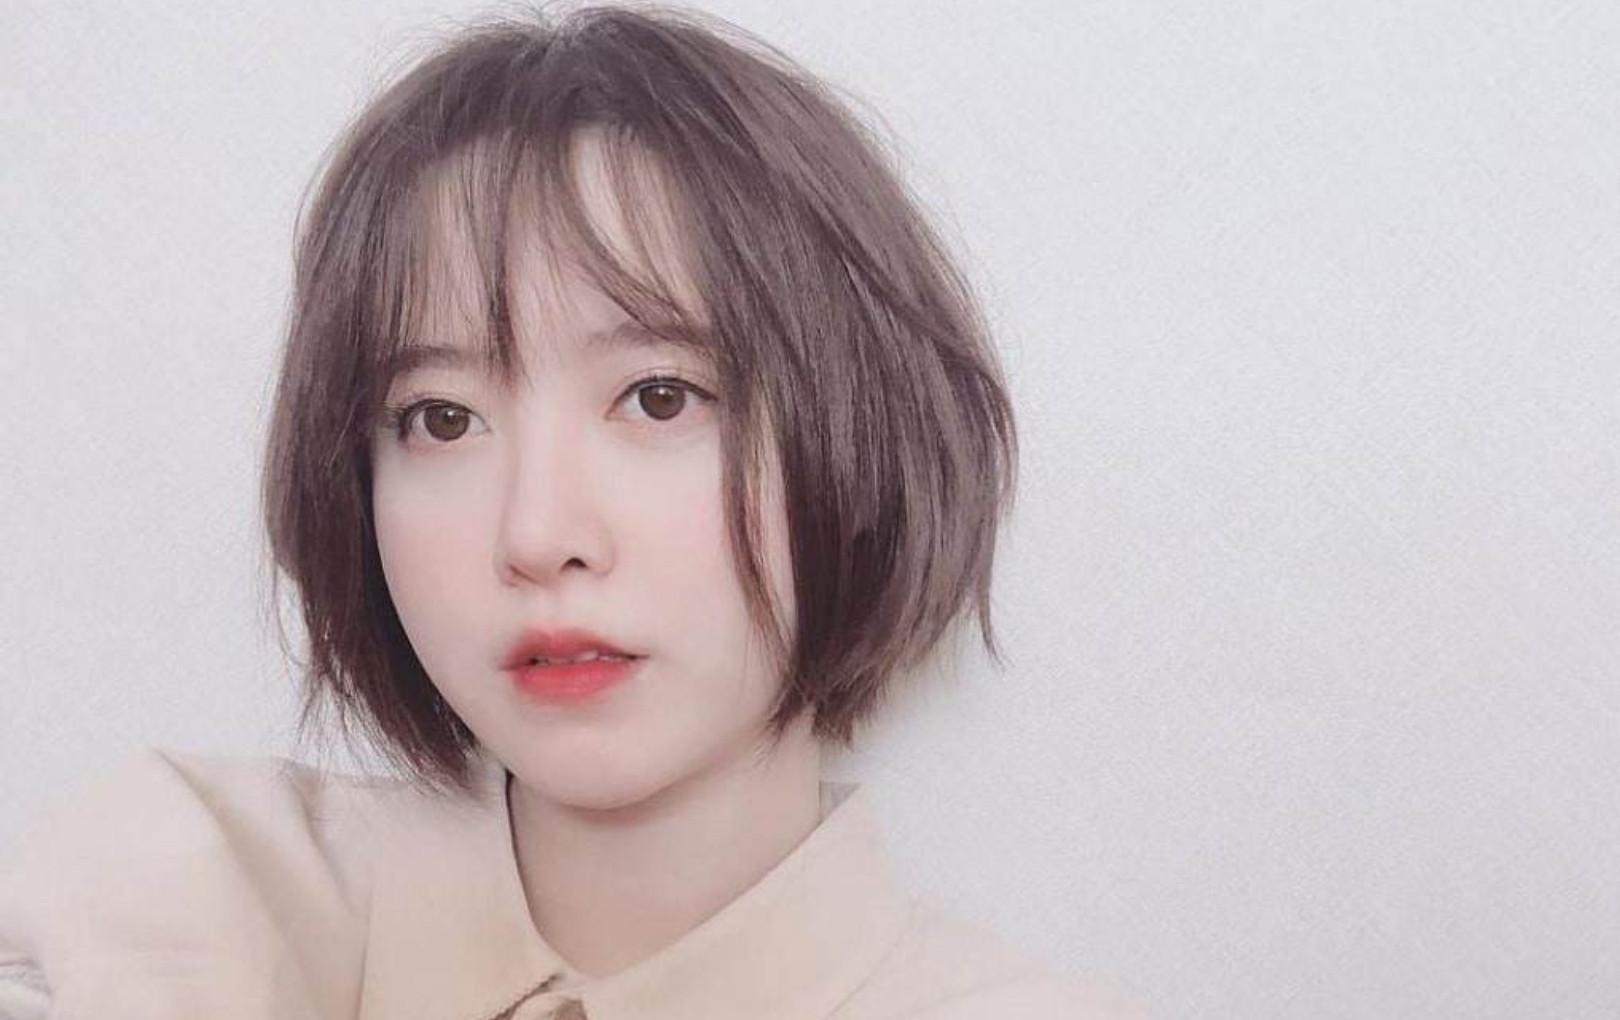 Goo Hye Sun đang hẹn hò cùng một chàng trai, dự định tổ chức một hôn lễ đàng hoàng